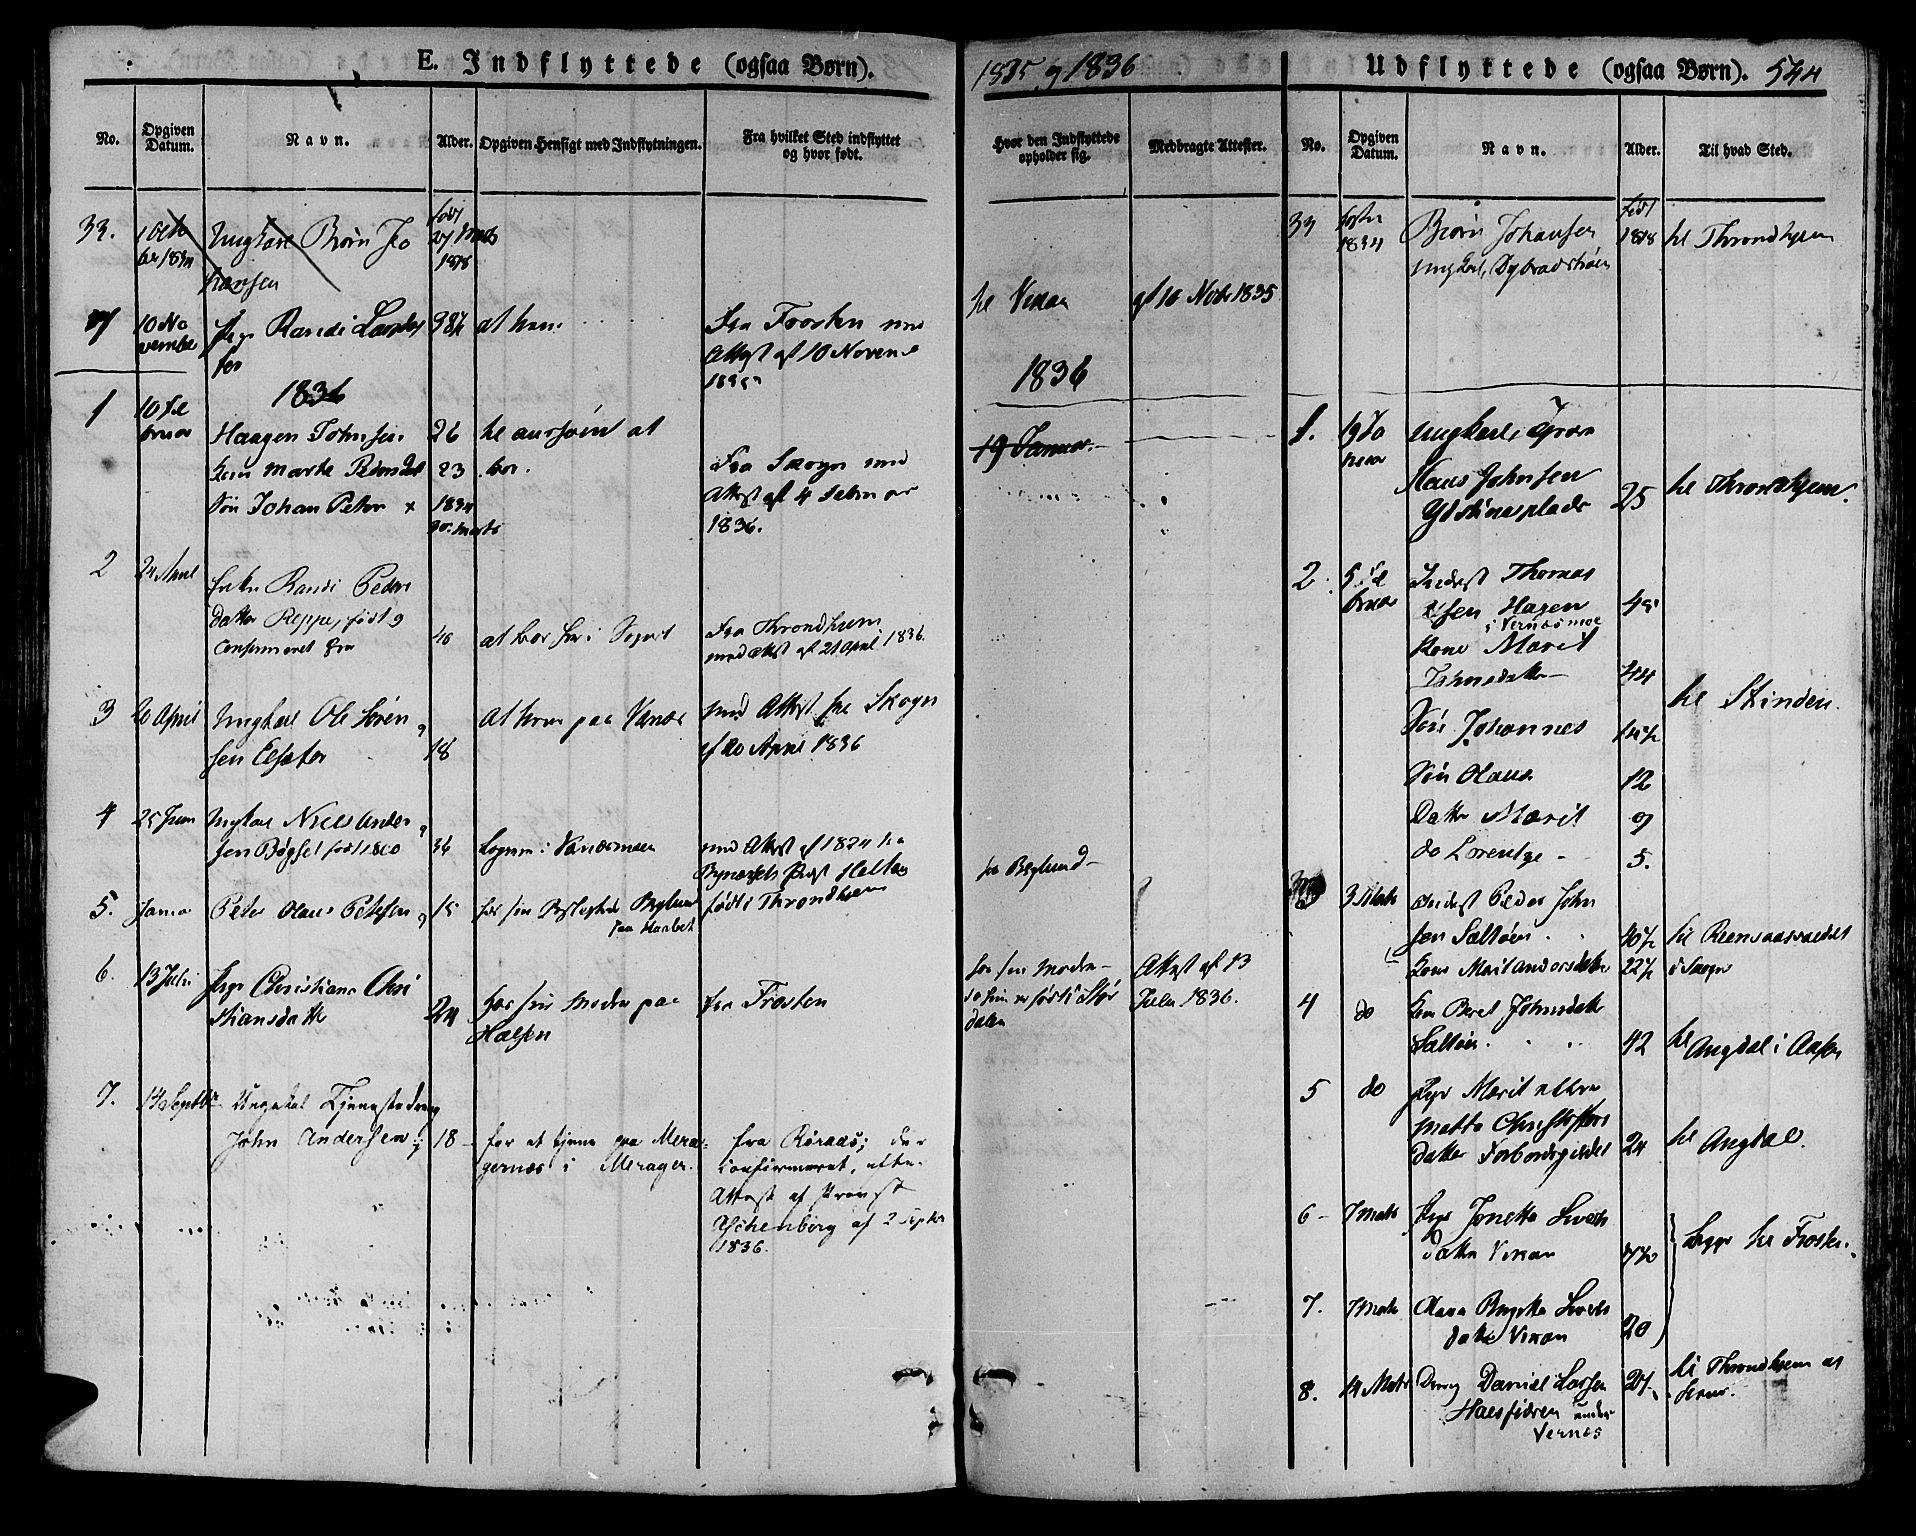 SAT, Ministerialprotokoller, klokkerbøker og fødselsregistre - Nord-Trøndelag, 709/L0072: Ministerialbok nr. 709A12, 1833-1844, s. 544